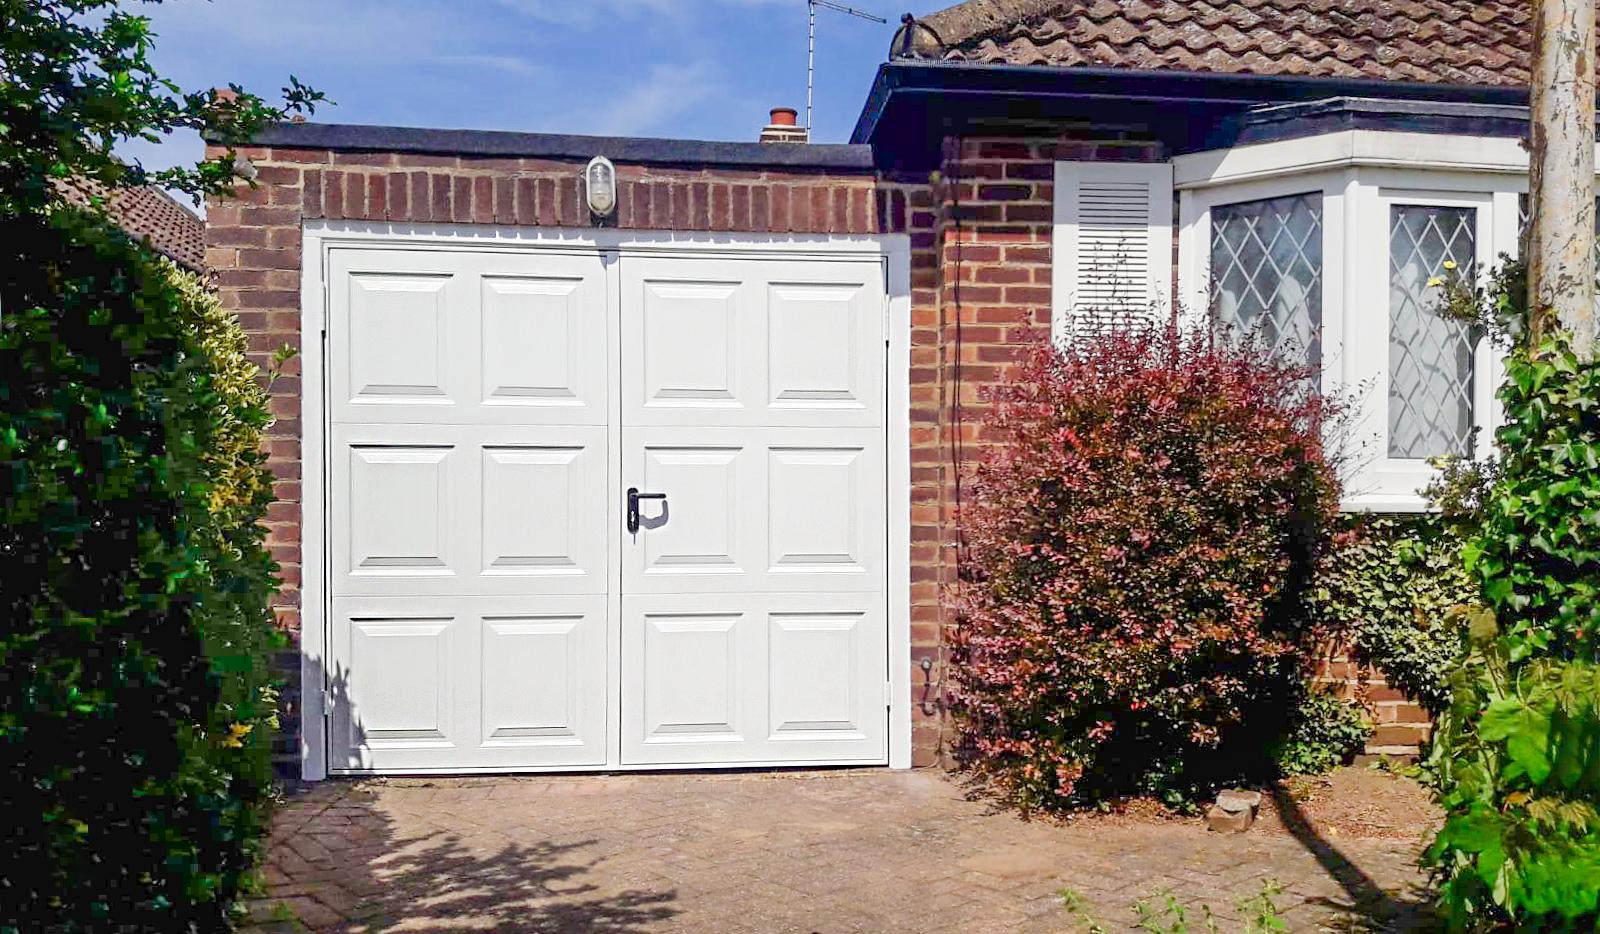 Garador Georgian Steel Side Hinged Garage Doors in White